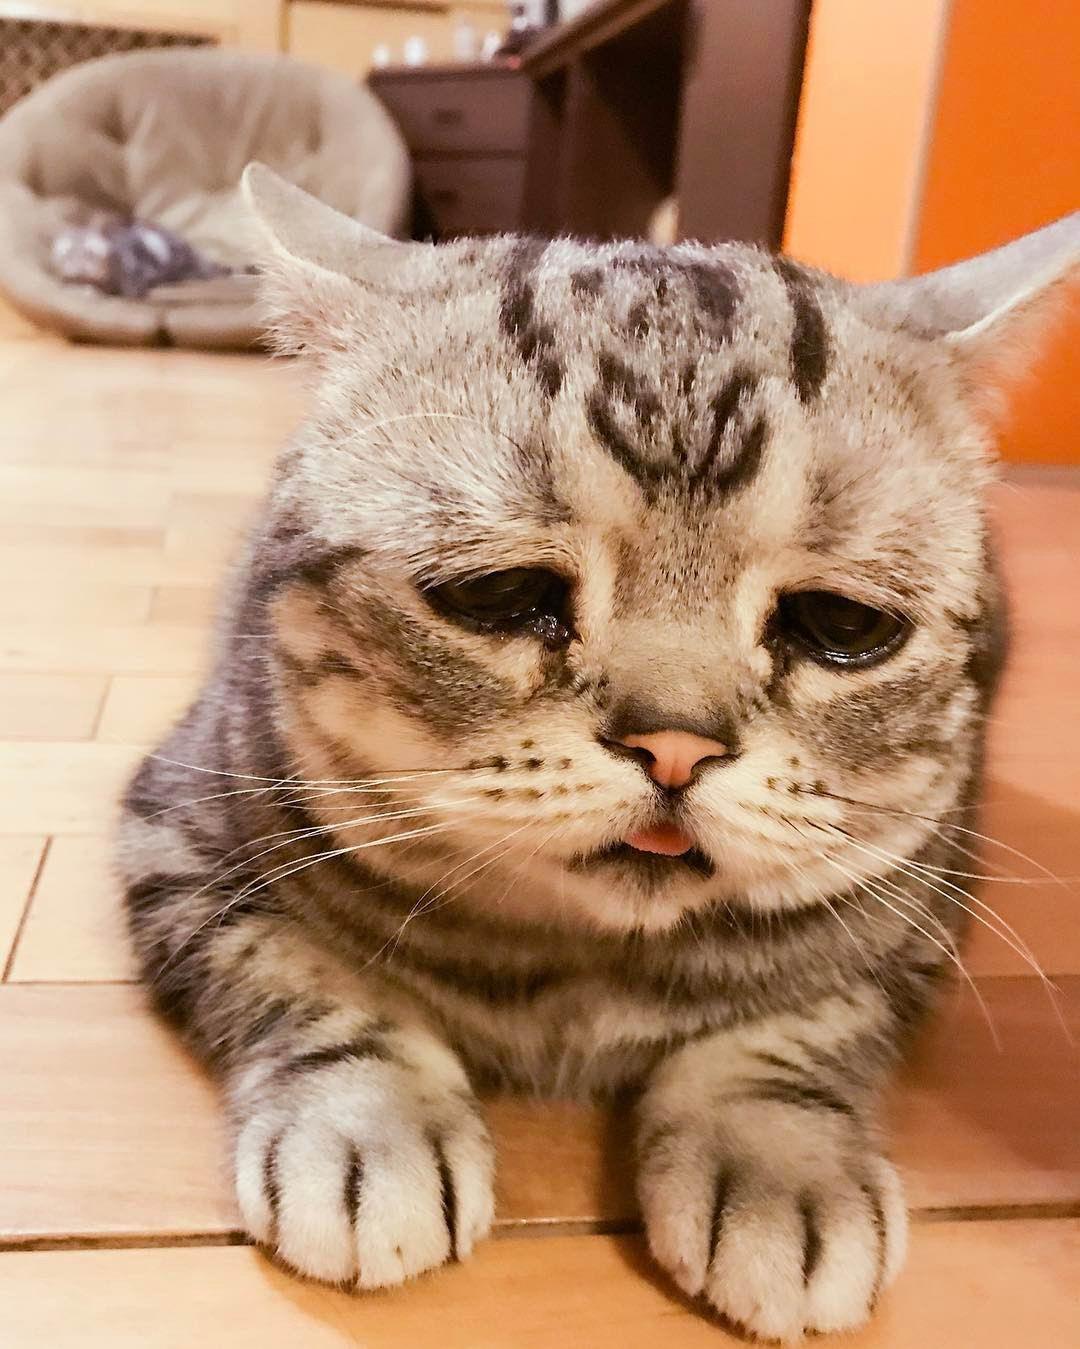 Встречайте Луху, саму грустную кошку в мире